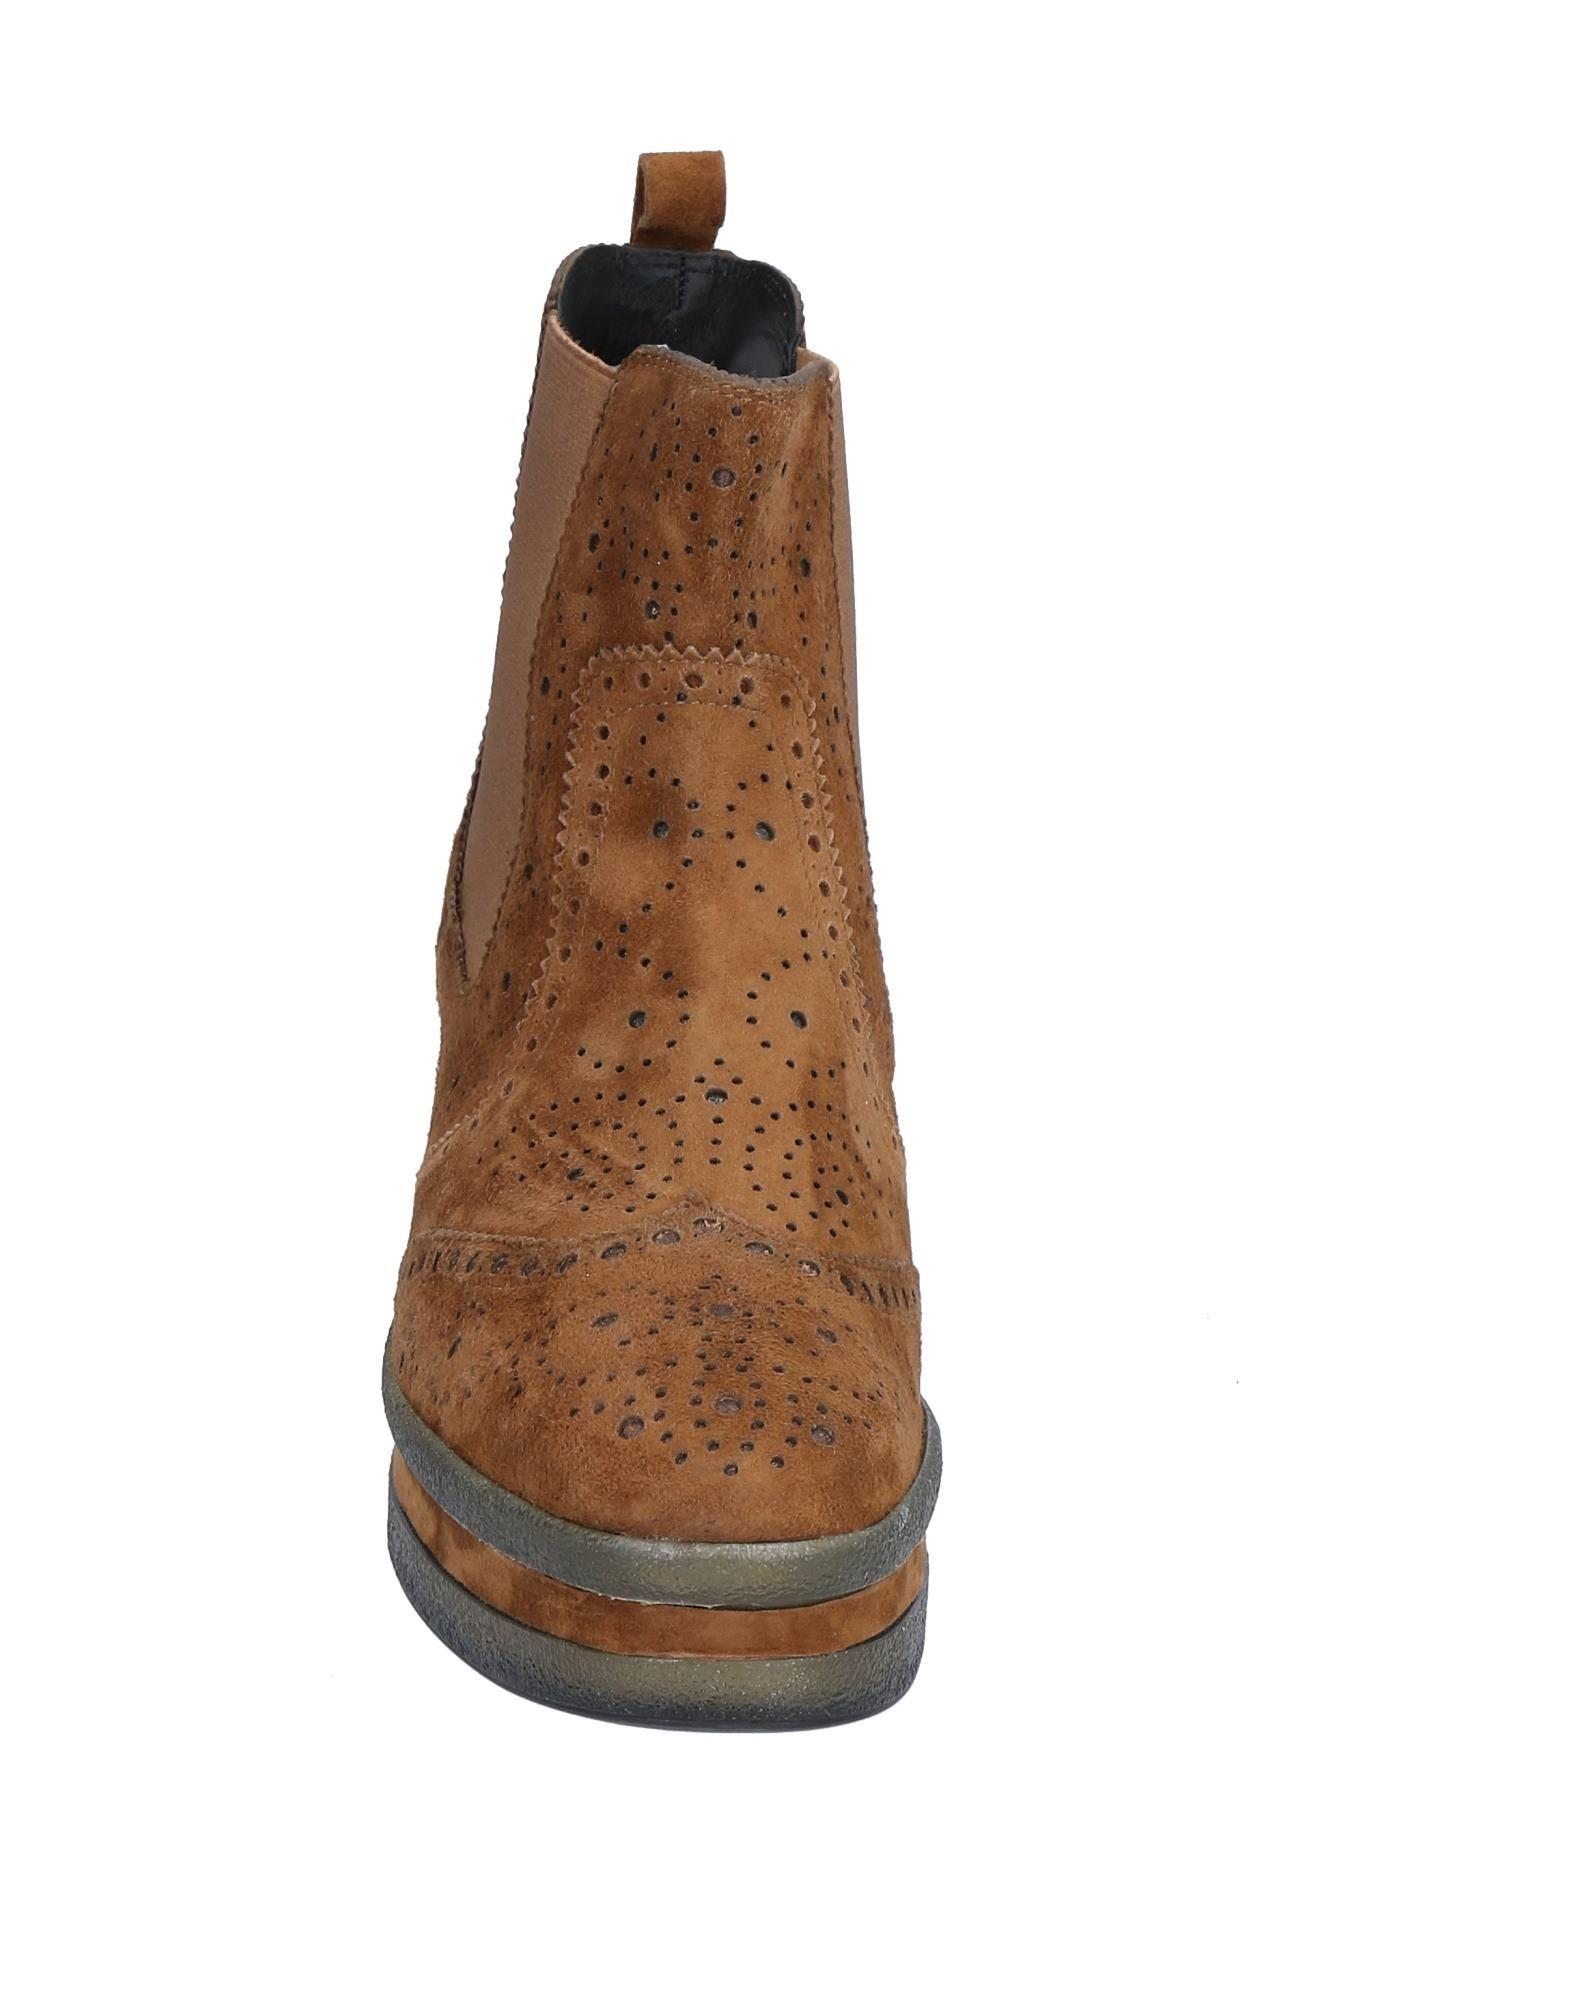 Pons Quintana Chelsea Boots lohnt Damen Gutes Preis-Leistungs-Verhältnis, es lohnt Boots sich,Sonderangebot-4174 2932cd